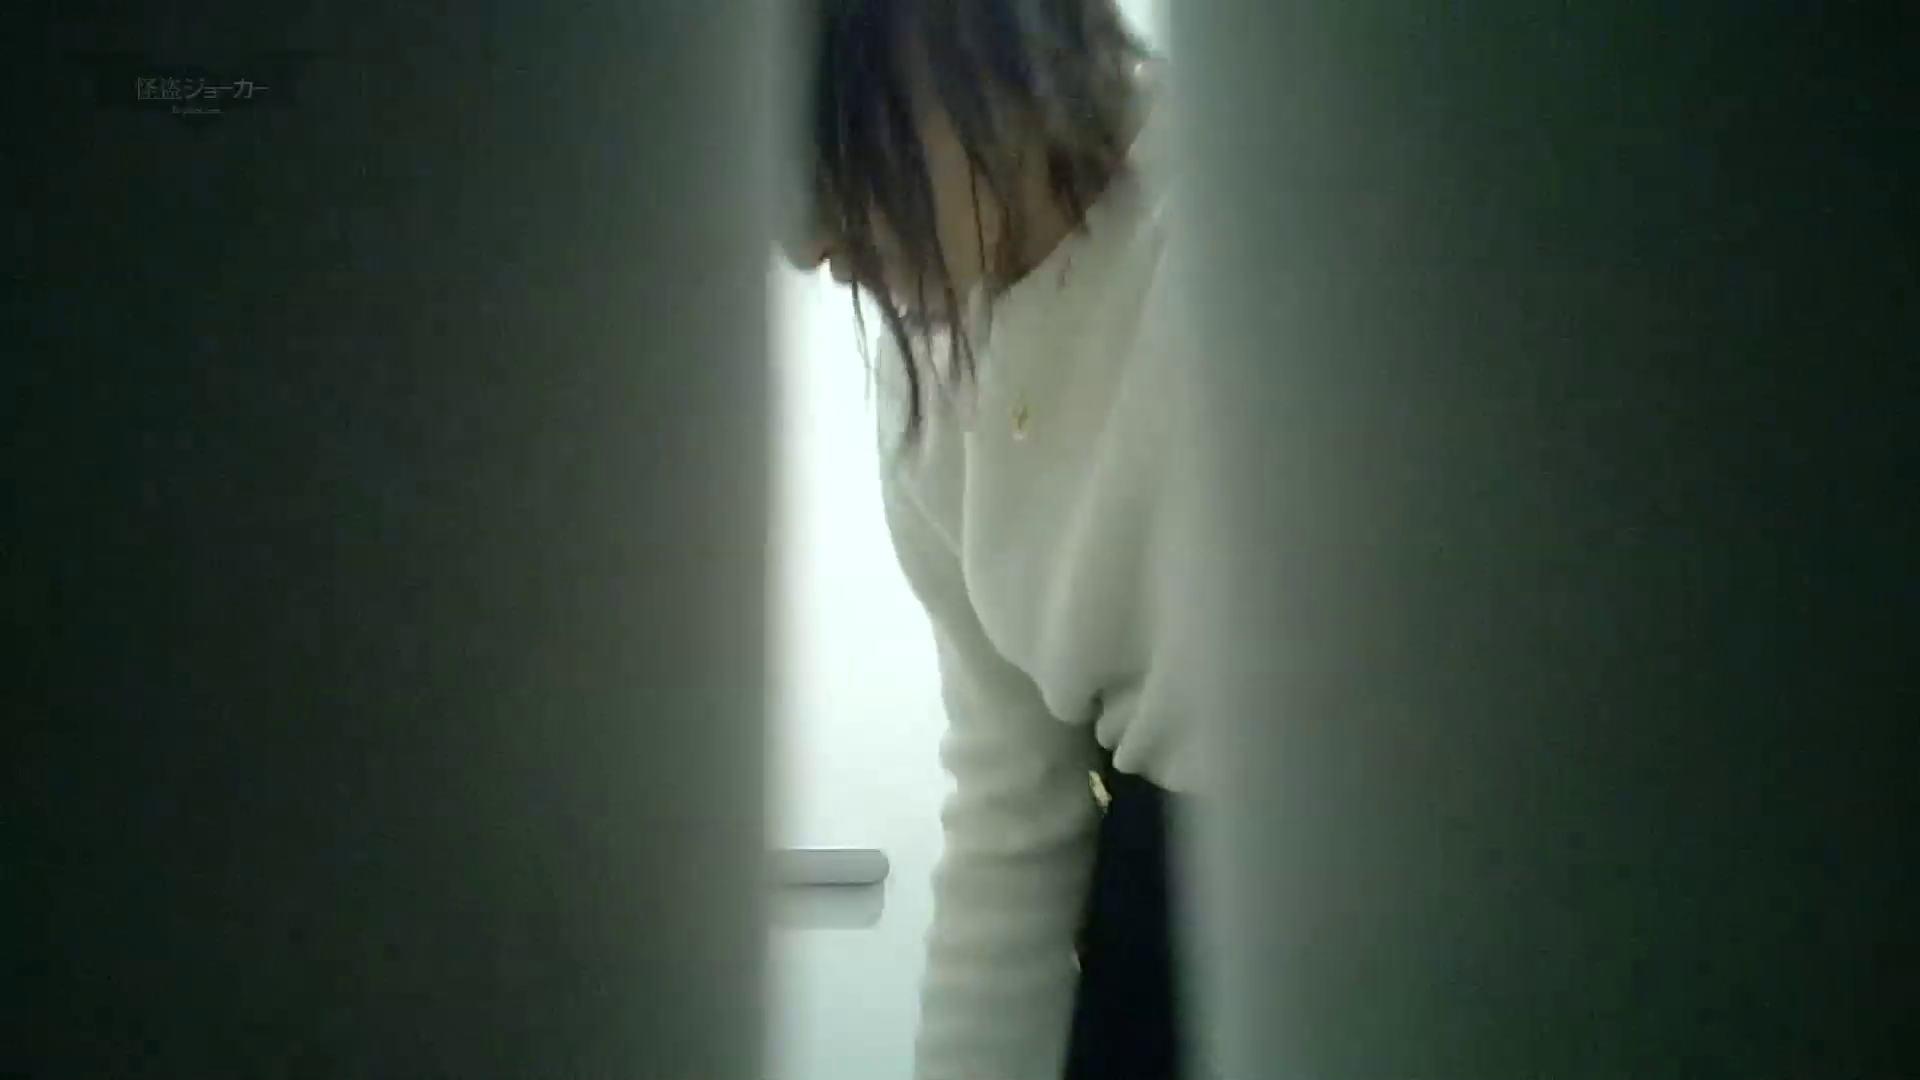 トイレ盗撮|有名大学女性洗面所 vol.57 S級美女マルチアングル撮り!!|怪盗ジョーカー